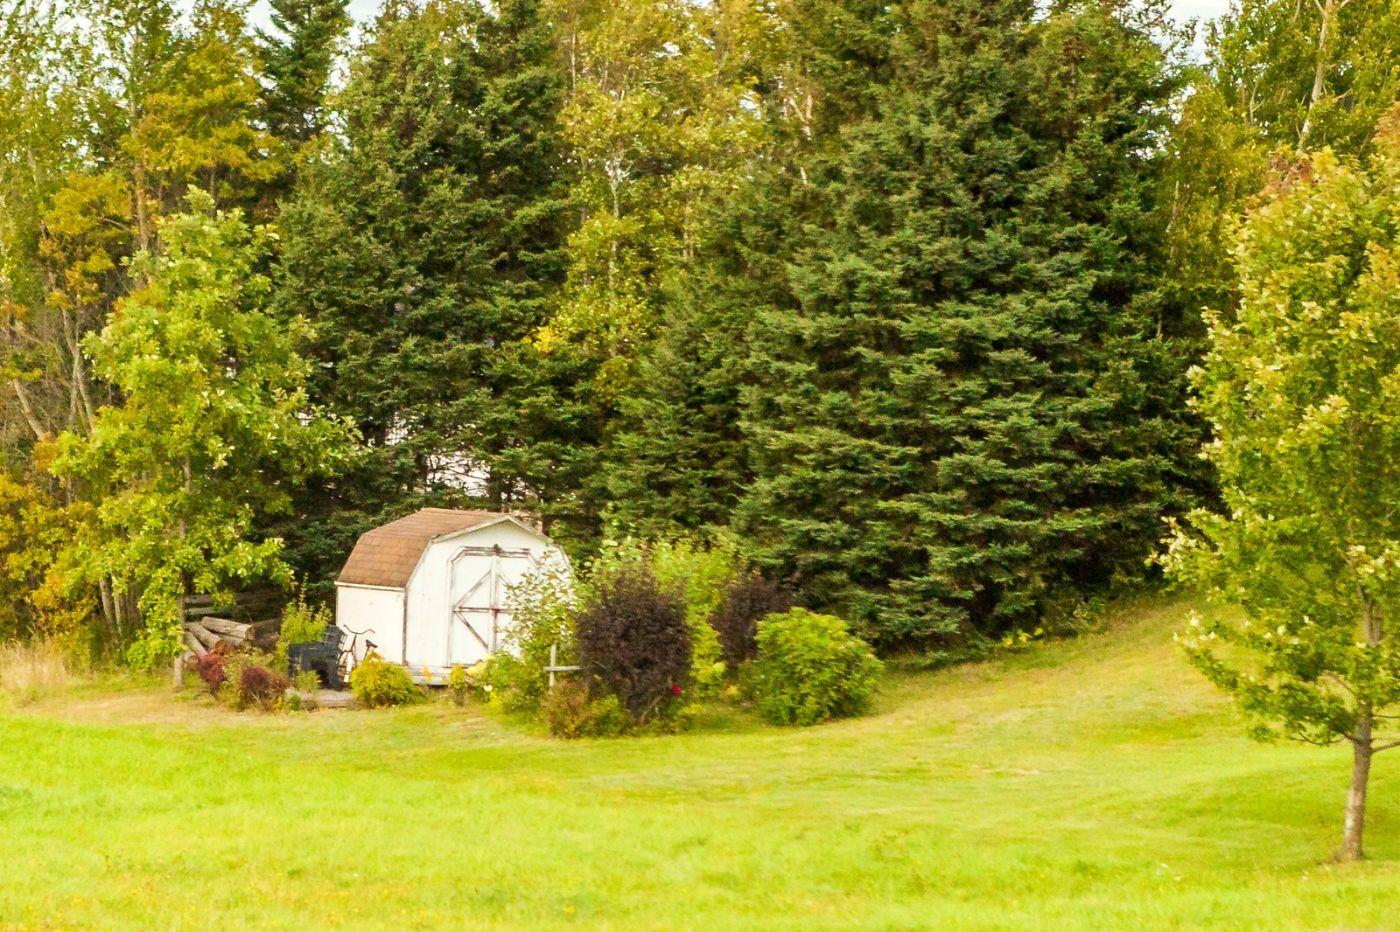 加拿大旅途,乡村的幸福生活_图1-34